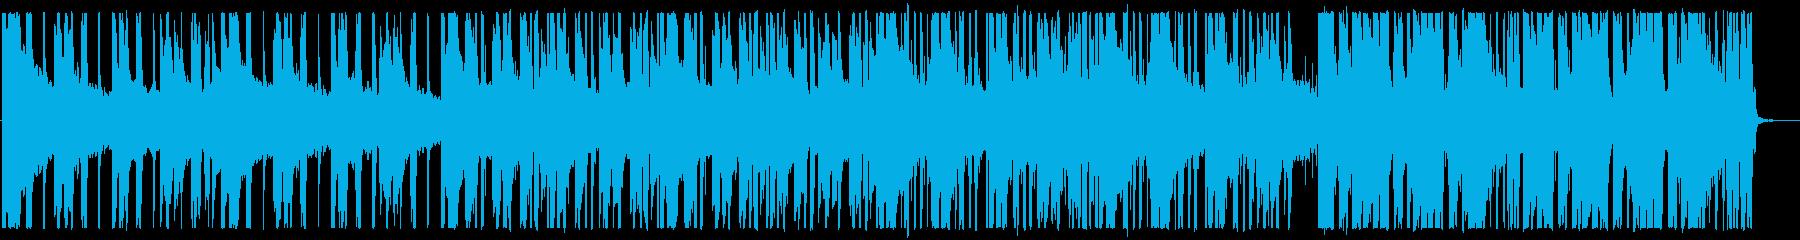 都会/優しい/R&B_440_2の再生済みの波形